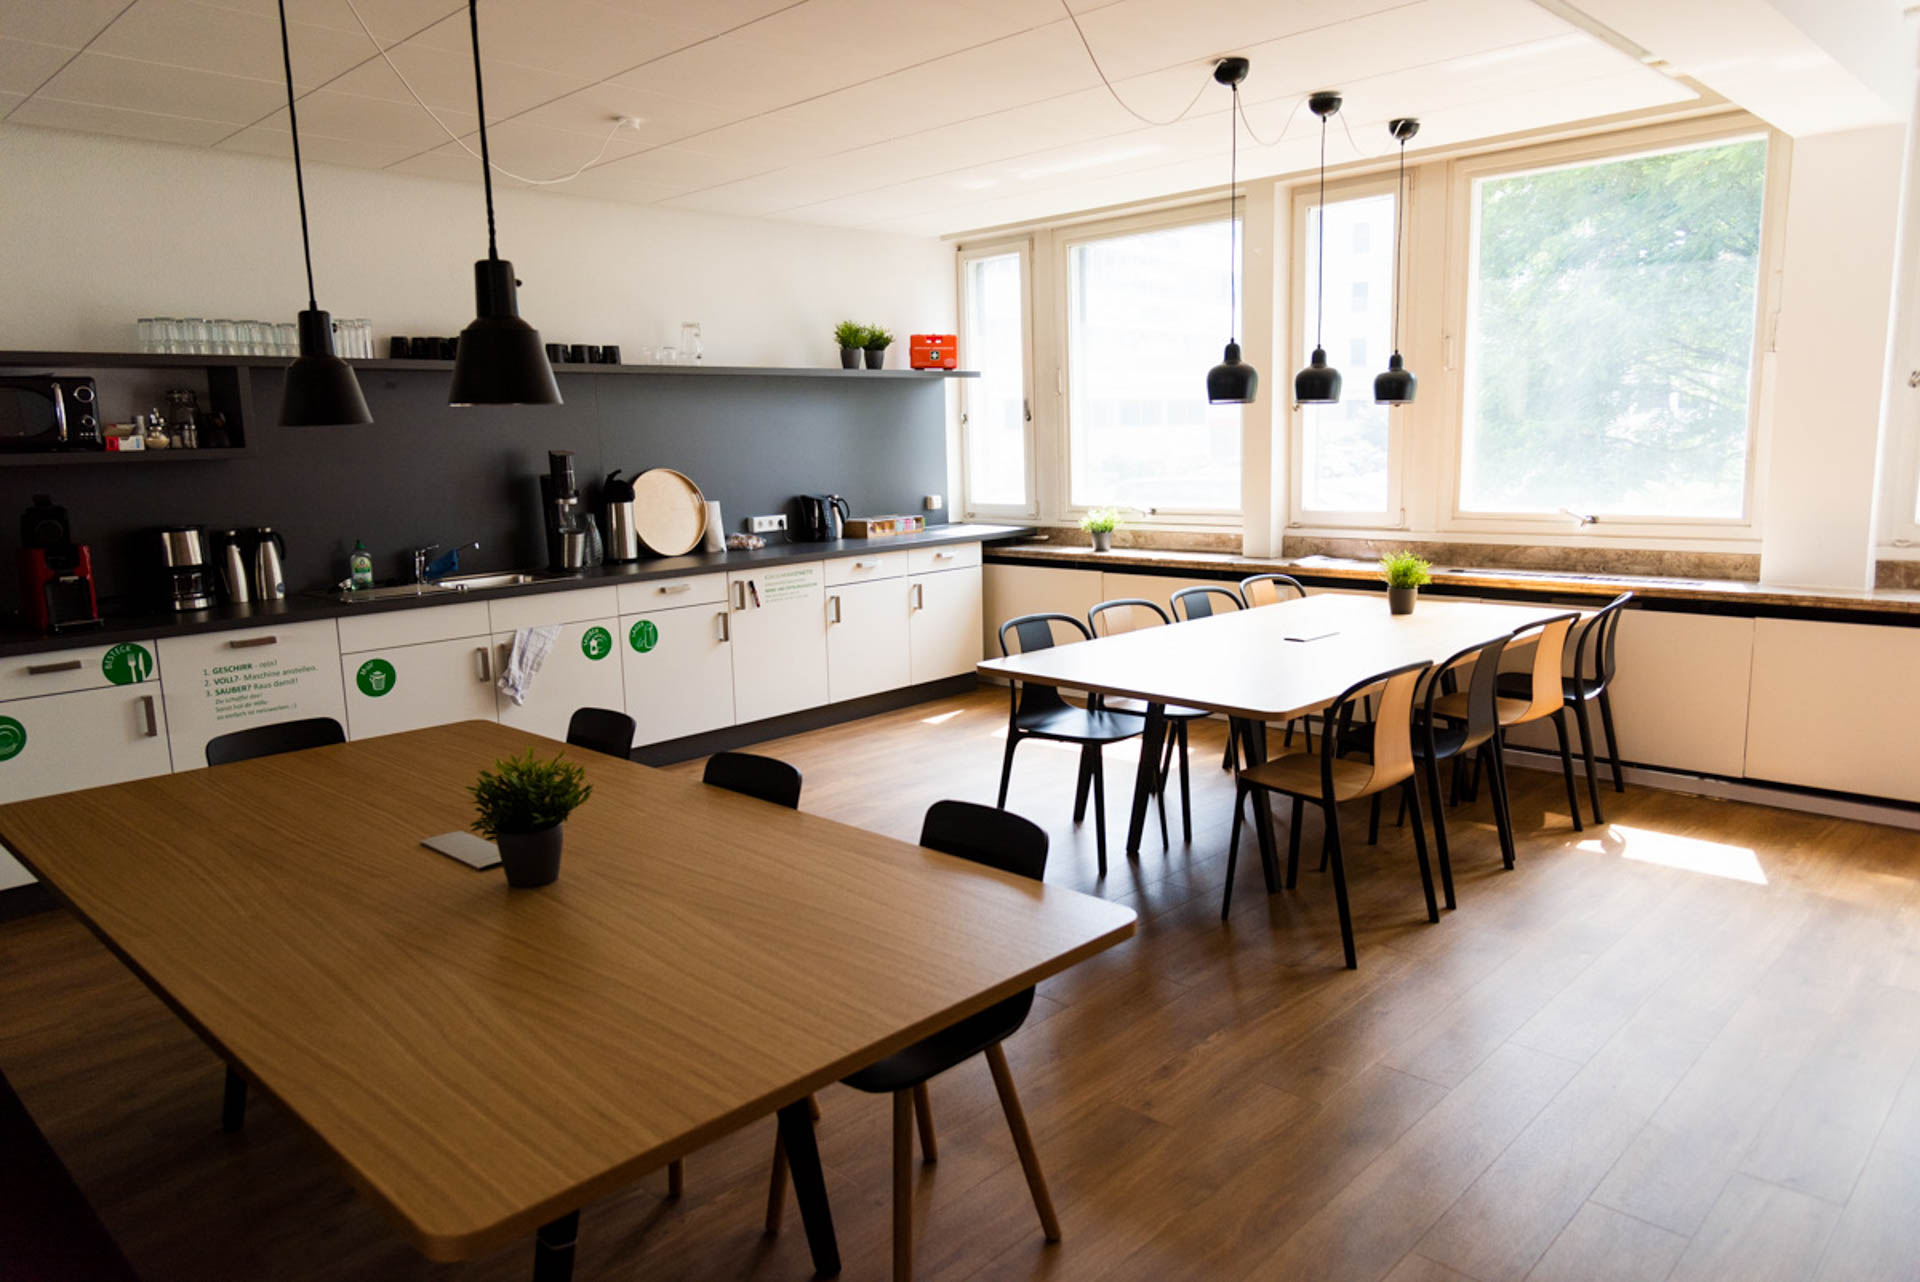 Open Space im Quartier231. Auf Parkettboden stehen zwei für jeweils 8 Personen Platz bietende Tische, von ebensovielen Stühlen umstellt. Links im Raum ist eine Küchenzeile mit Thermoskannen, Wasserkochern, einer Spülmaschine, Besteckschublade, einem Tablett und weiteren Küchenutensilien zu sehen. Über den Tischen hängen unter schwarzen Metallschirmen drei respektive zwei Lampen.